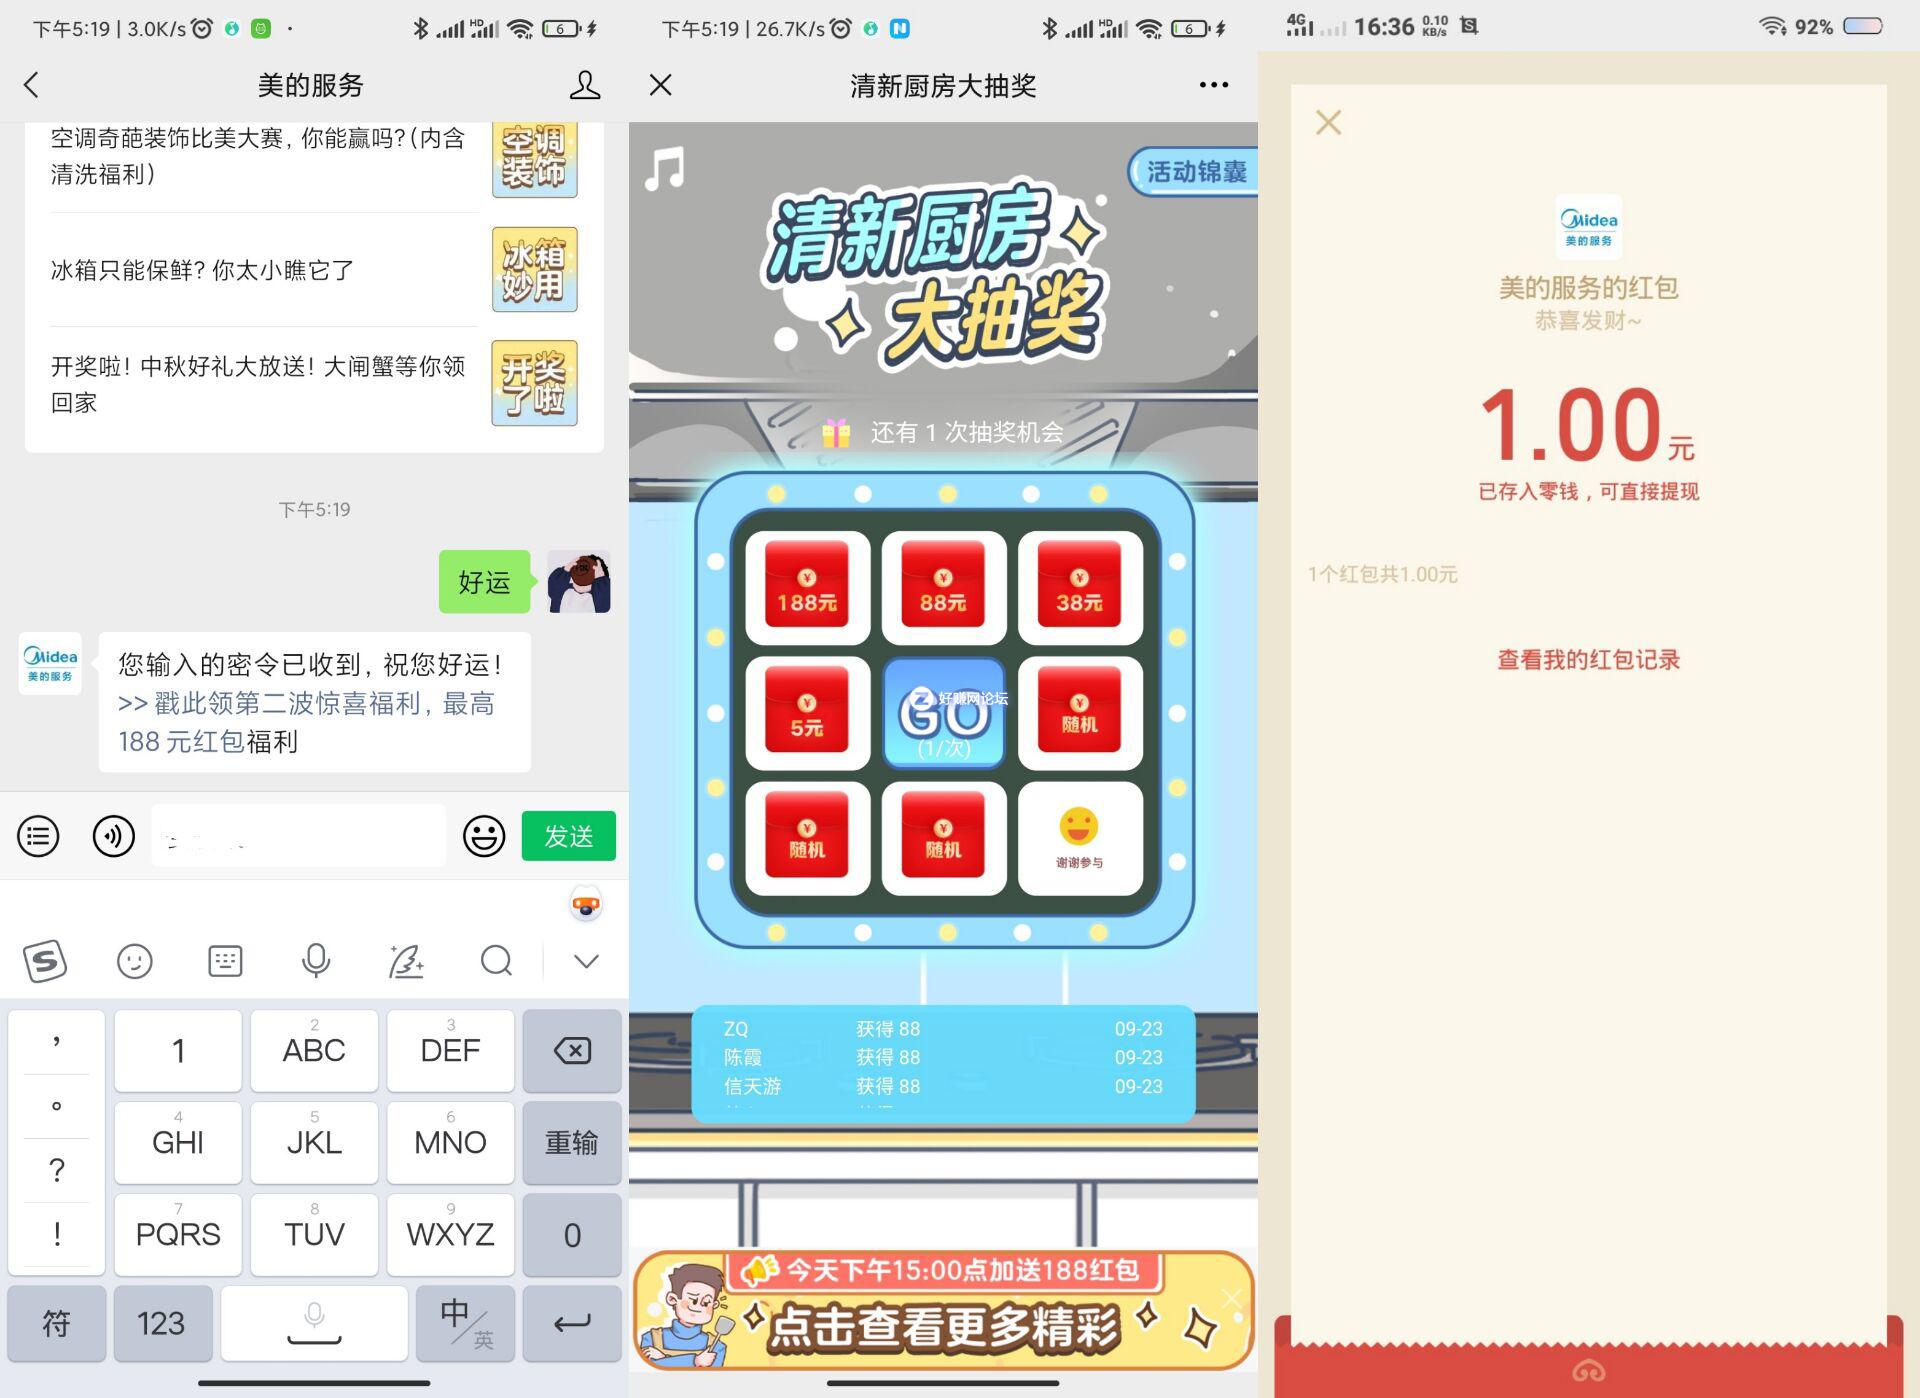 """""""美的服务""""亲测1.00元微信红包!非必中"""